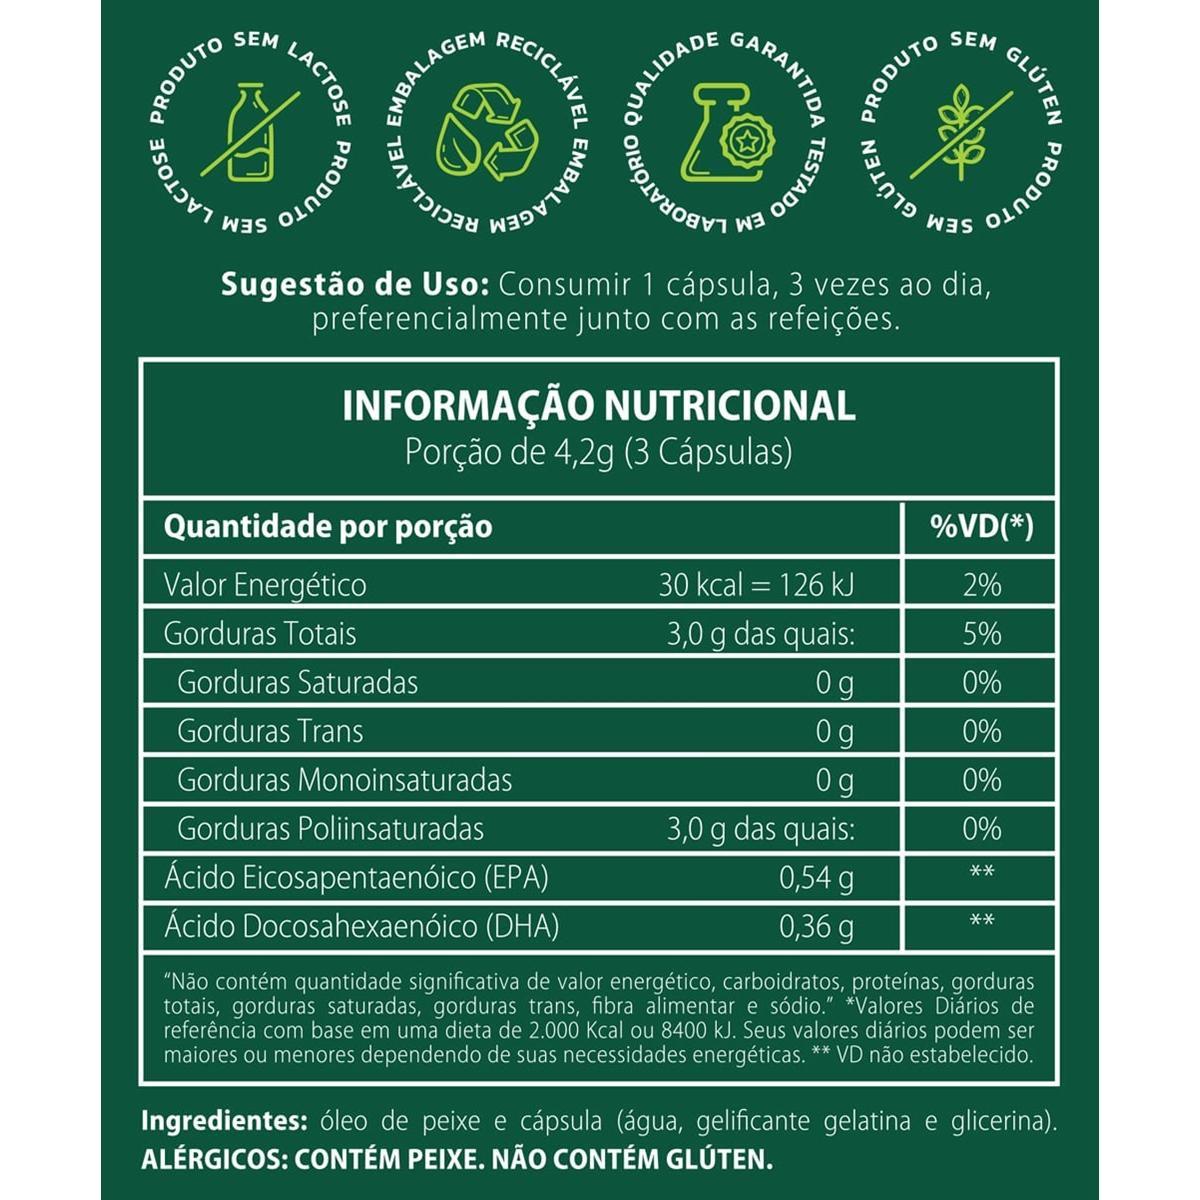 dfb0f7727 Ômega 3 (Óleo De Peixe) Vitavale 90 Cápsulas - Compre Agora